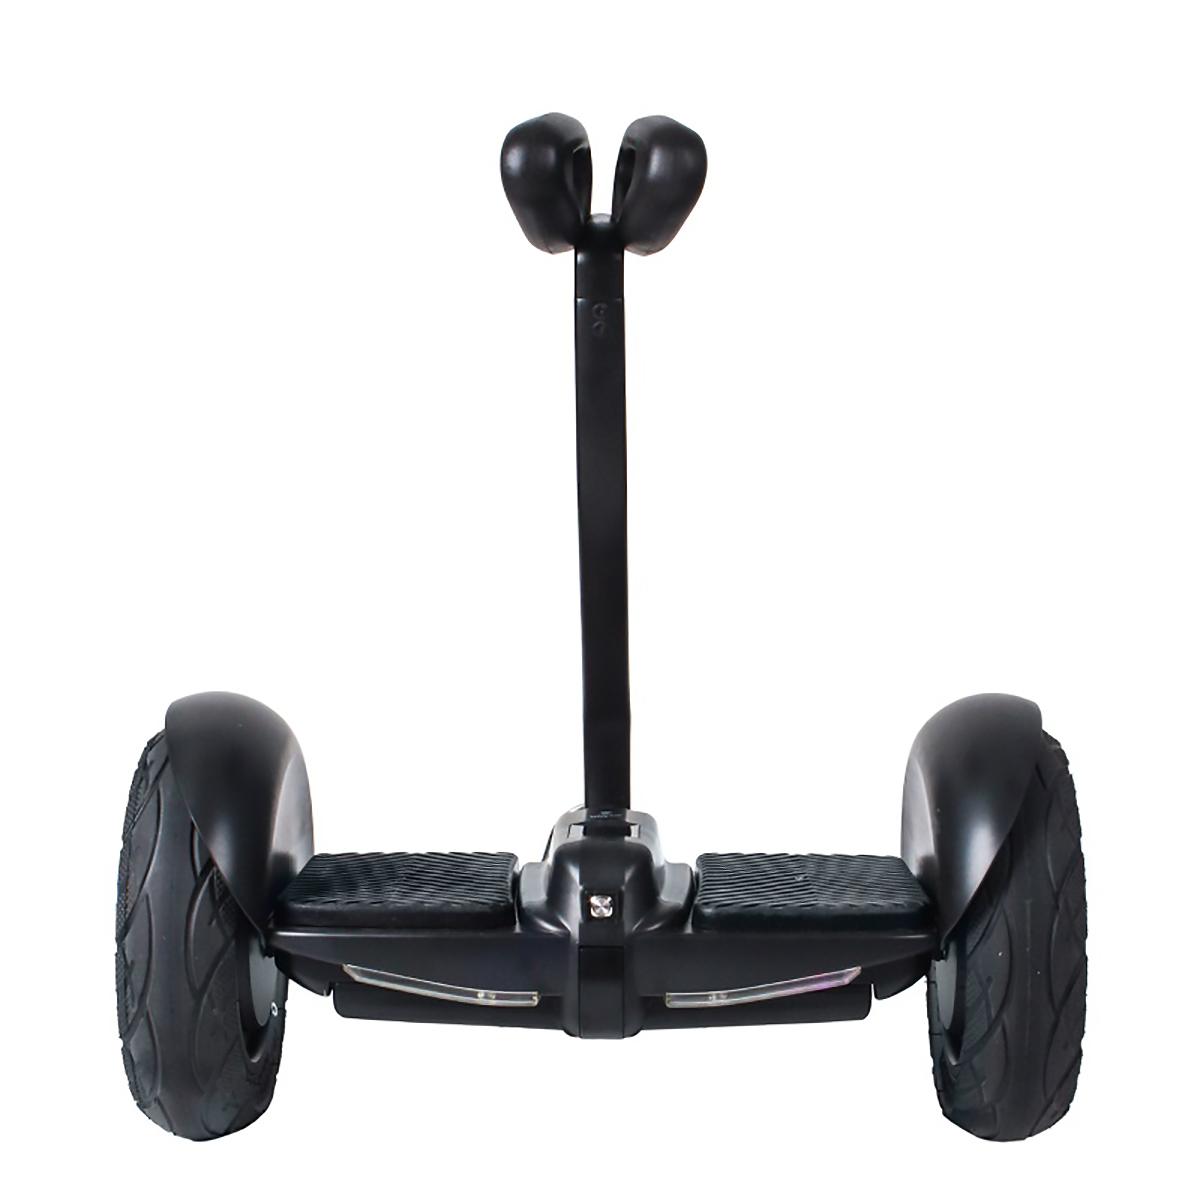 Гироскутер Hoverbot MINI, цвет: черныйMSMINIBKМини Сигвей Hoverbot mini представляет собой уменьшенную копию сигвея, управление которым осуществляется коленями. Данная модель Hoverbot'а развивает максимальную скорость в 16 км/ч и преодолевает расстояние на одном заряде до 22 км. Имеет световую подсветку и габариты на передней части корпуса. Лёгкое в управление устройство Hoverbot mini станет незаменимым спутником в прогулках по паркам, езде на работу, его можно легко поднять и перенести в другое место. В комплект входит зарядное устройство и пульт управления. Технические характеристики: Возможная дистанция: 22 км Максимальная скорость: 16 км/ч Аккумулятор: Lithium 54 V 4.4AH Размер колеса: 10 d Мощность мотора: 2x350W Максимальная нагрузка: 100 кг Время заряда/сеть: 120 мин/220В Вес нетто: 12.3 кг Вес брутто: 14,1 кг Влагозащита: IP55 Условия эксплуатации: -10°C + 50°C. Bluetooth. Приложение Mini Robot. Комплектация: Зарядное устройство, гарантийный талон, сертификат, инструкция